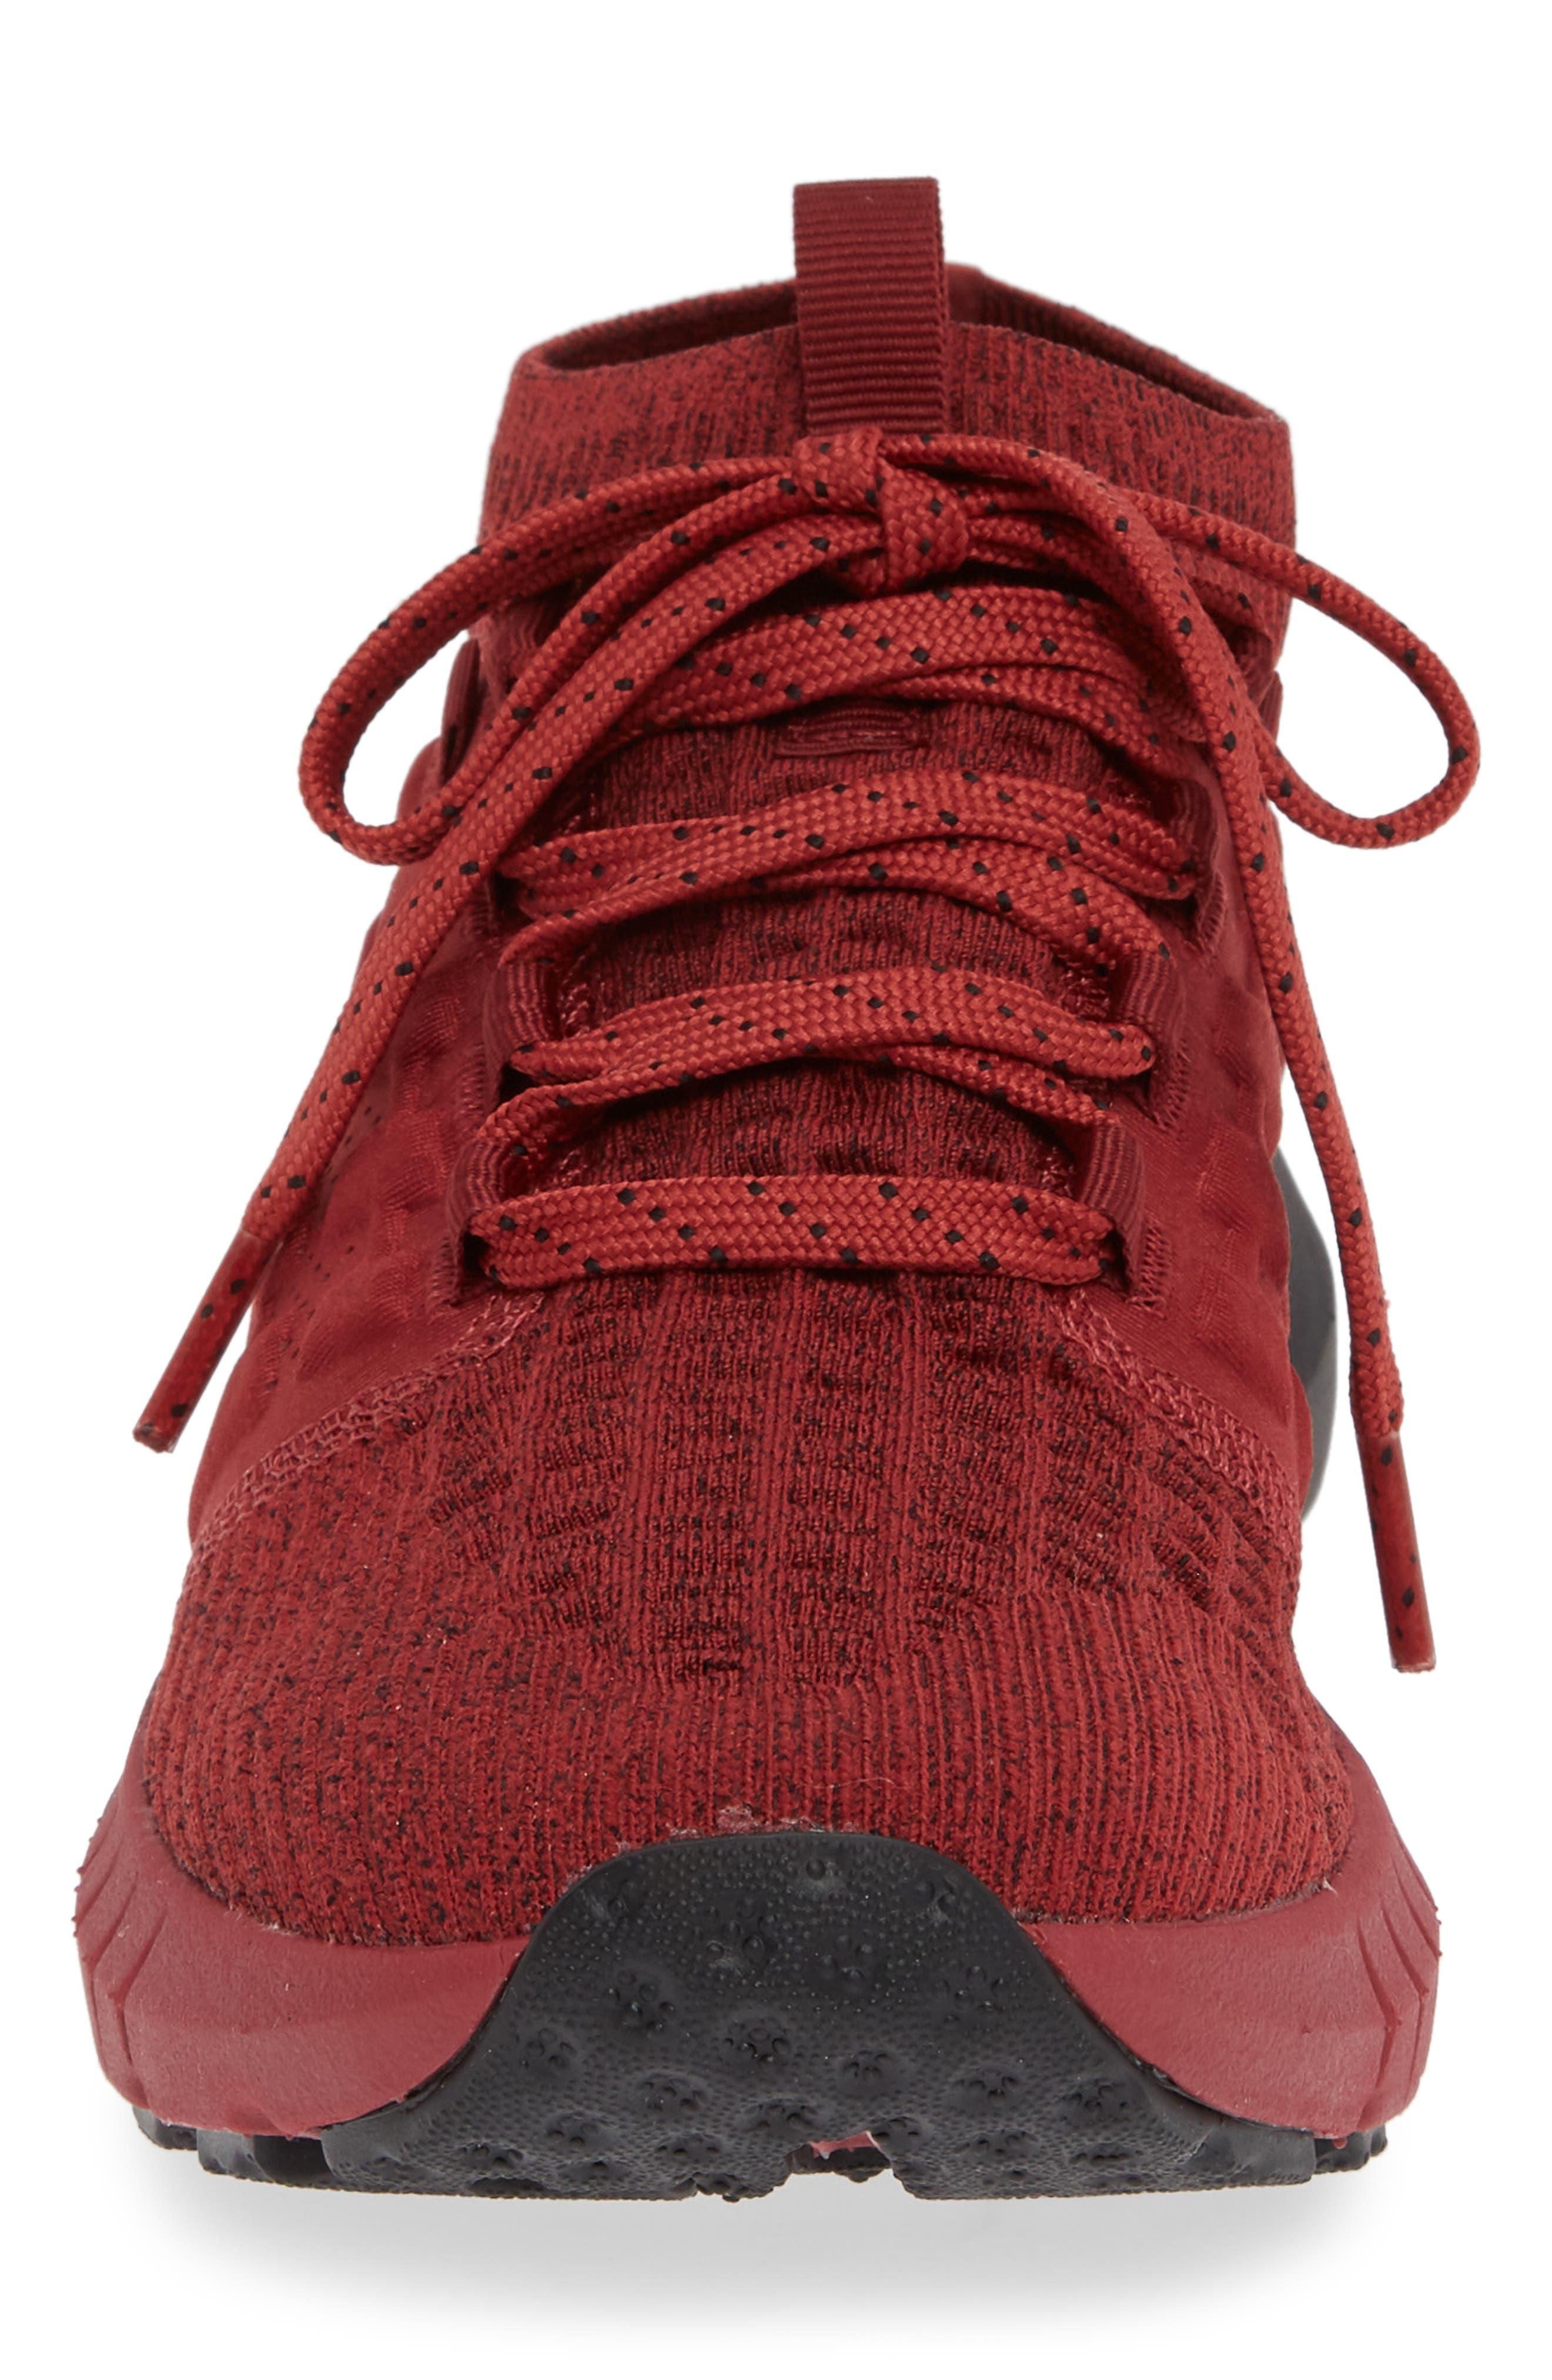 HOVR Phantom NC Sneaker,                             Alternate thumbnail 4, color,                             602